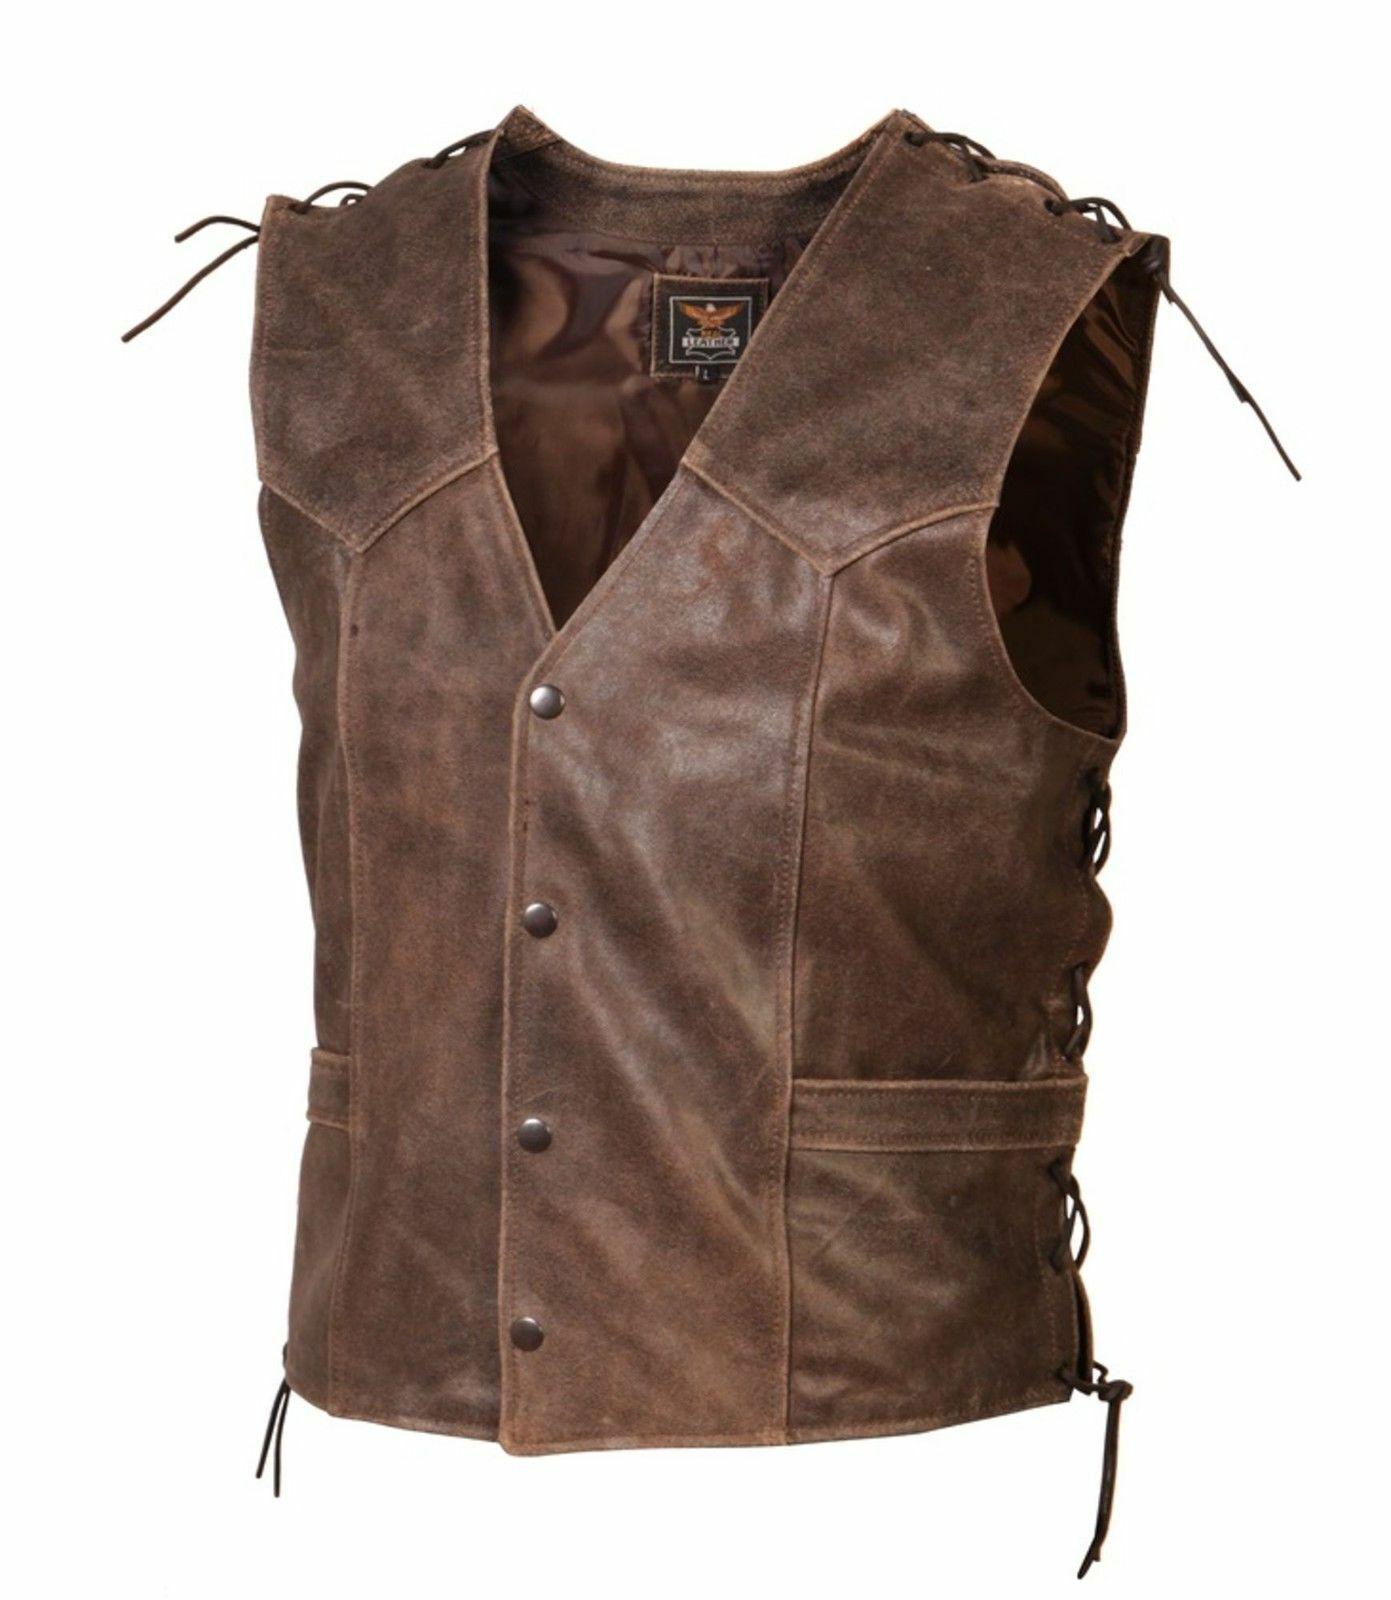 Lederweste Leder Weste Antikleder brown antik Kutte Biker Cowboy Western